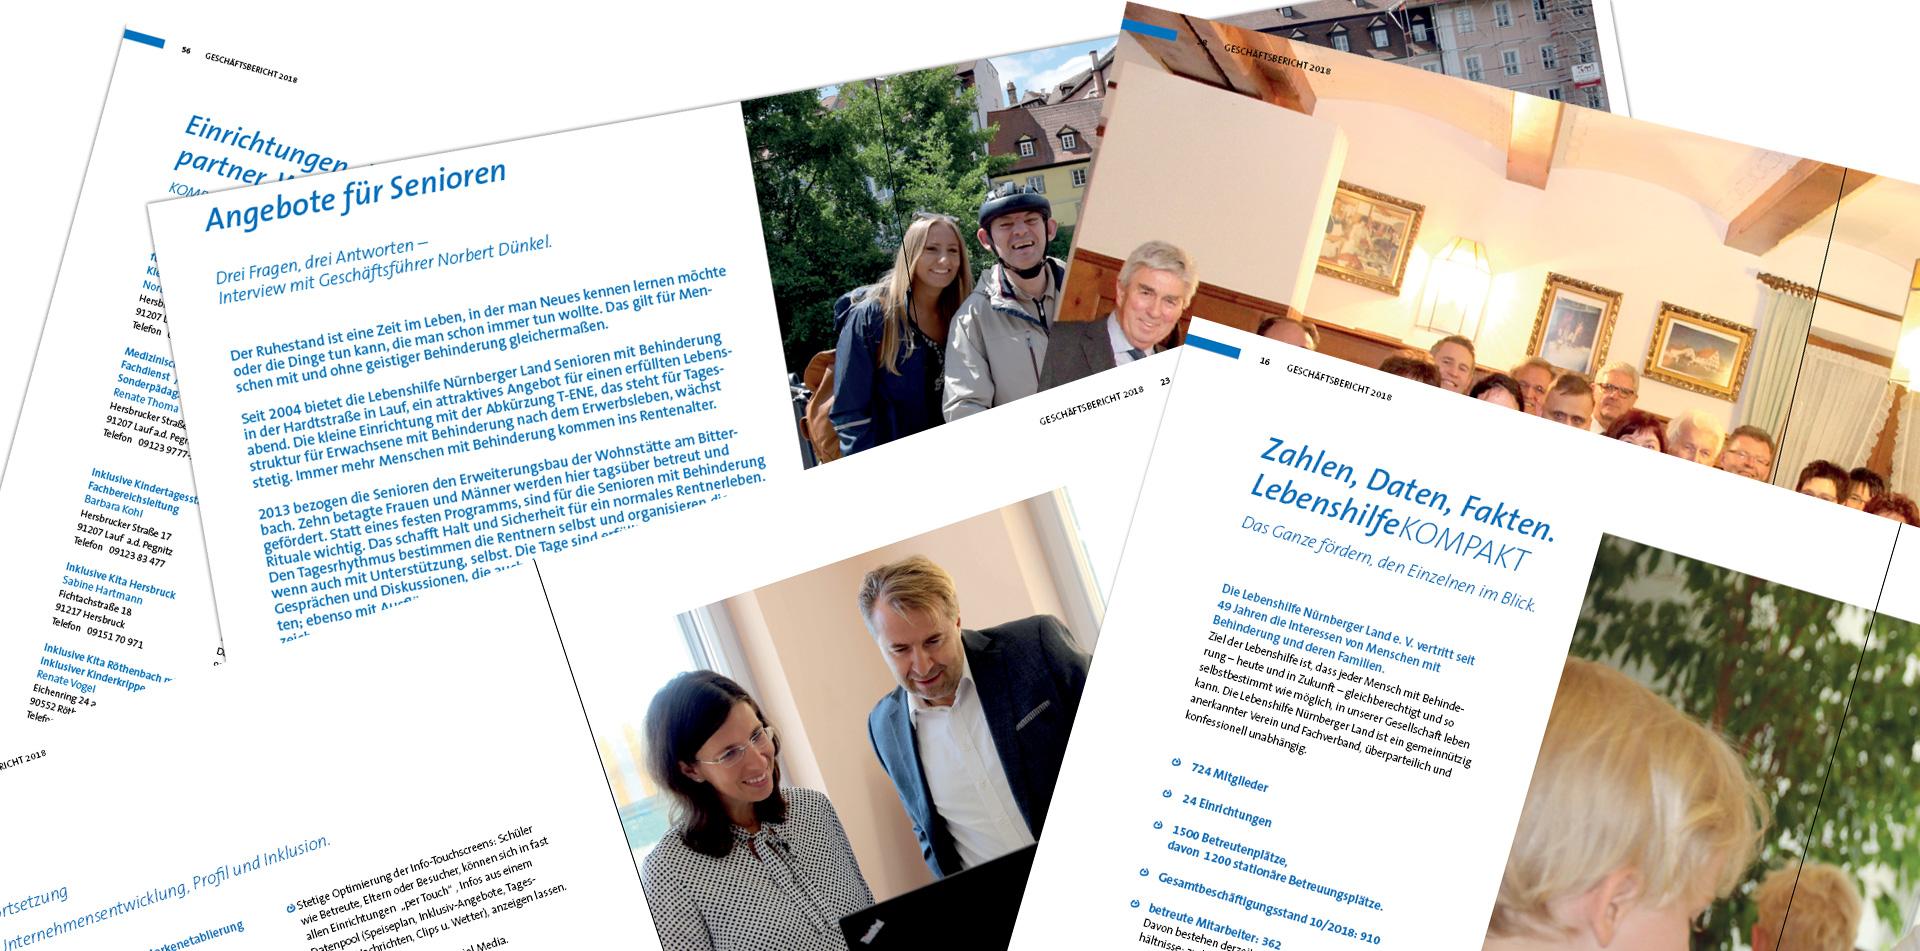 Geschäftsbericht 2018: Porträt, Unternehmensentwicklung, Nachschlagewerk.